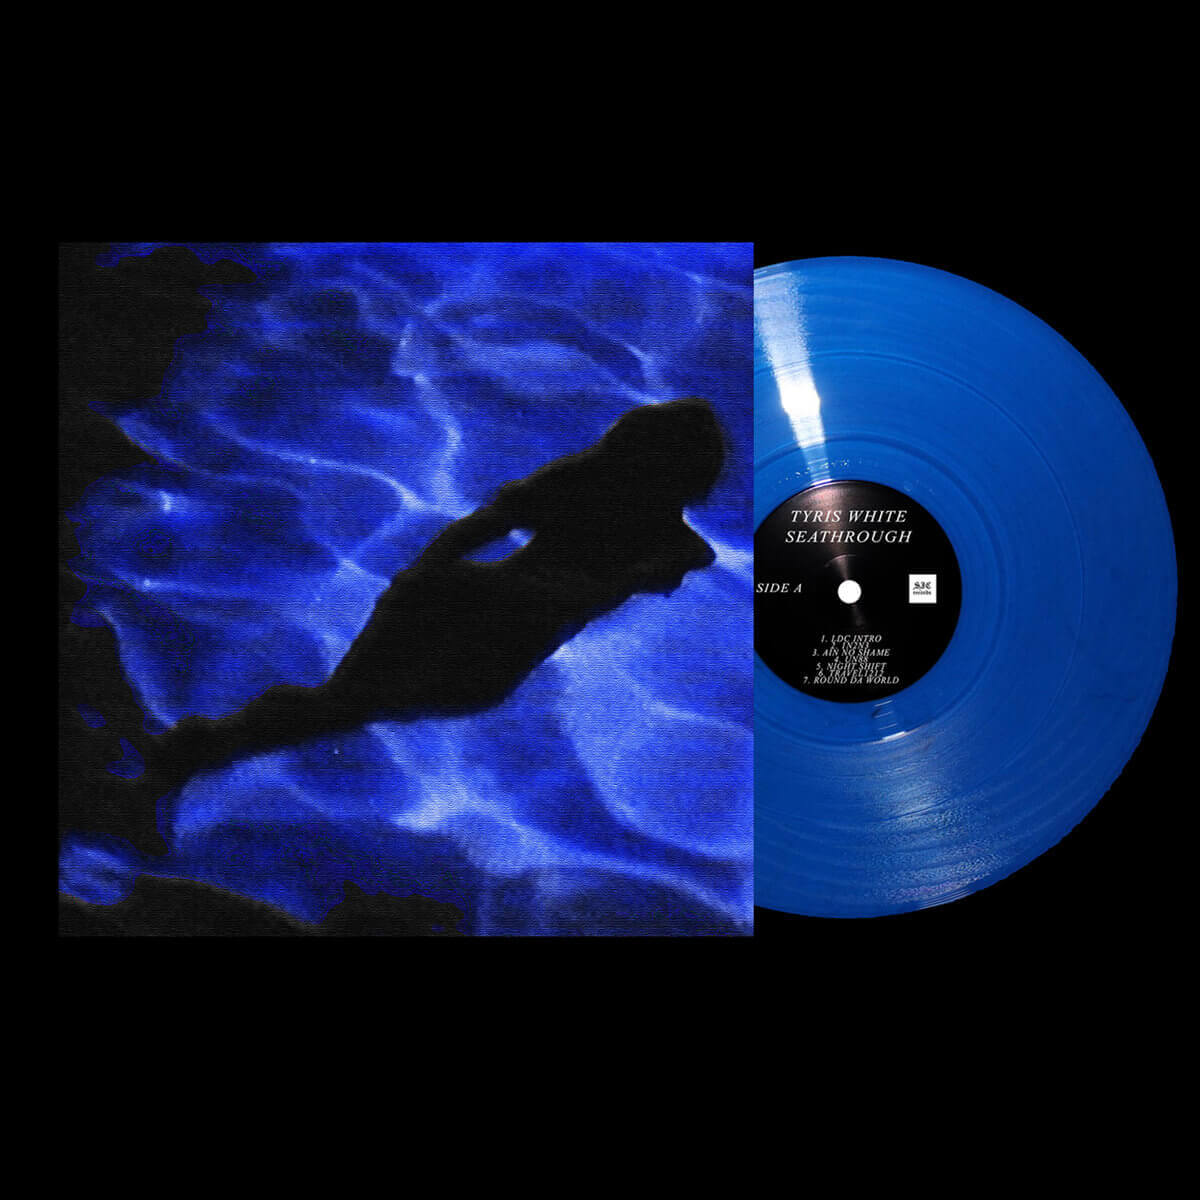 TYRIS WHITE – SEATHROUGH (Vinyl & Cassette)